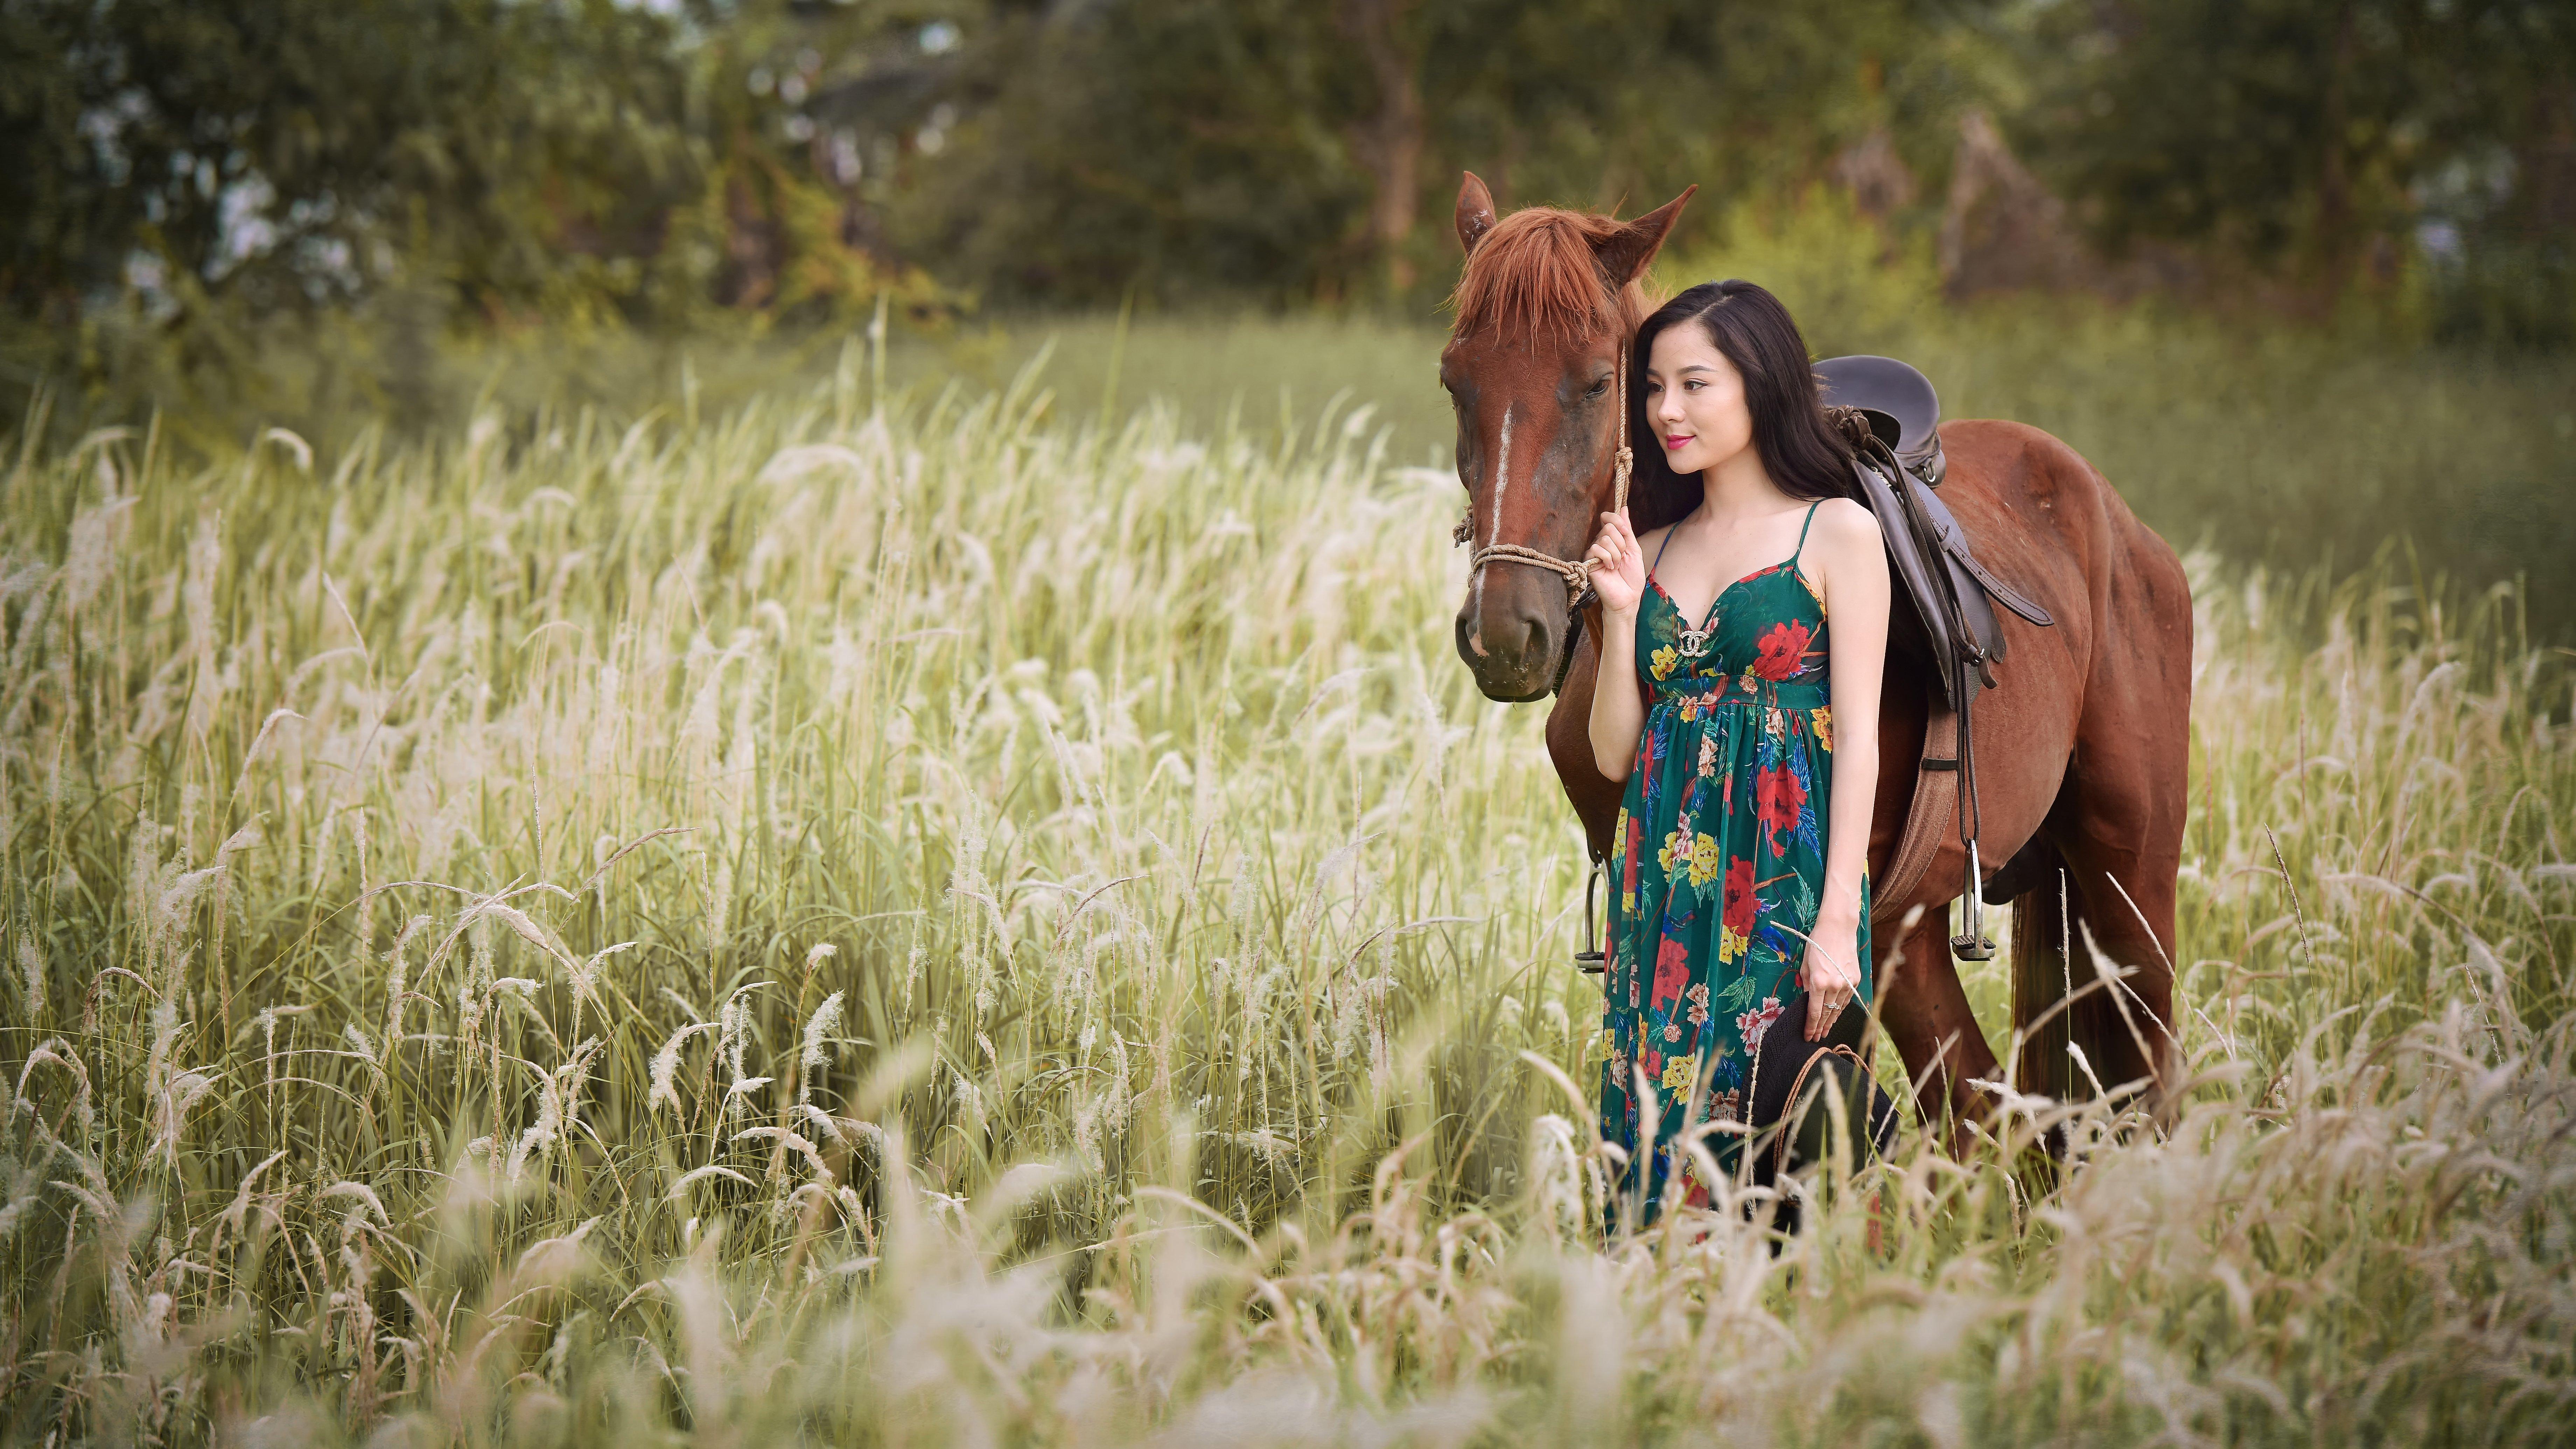 Download Wallpapers Download 2790x2547 Animals Grass: Horse Asian Grass Animals Girls Wallpaper